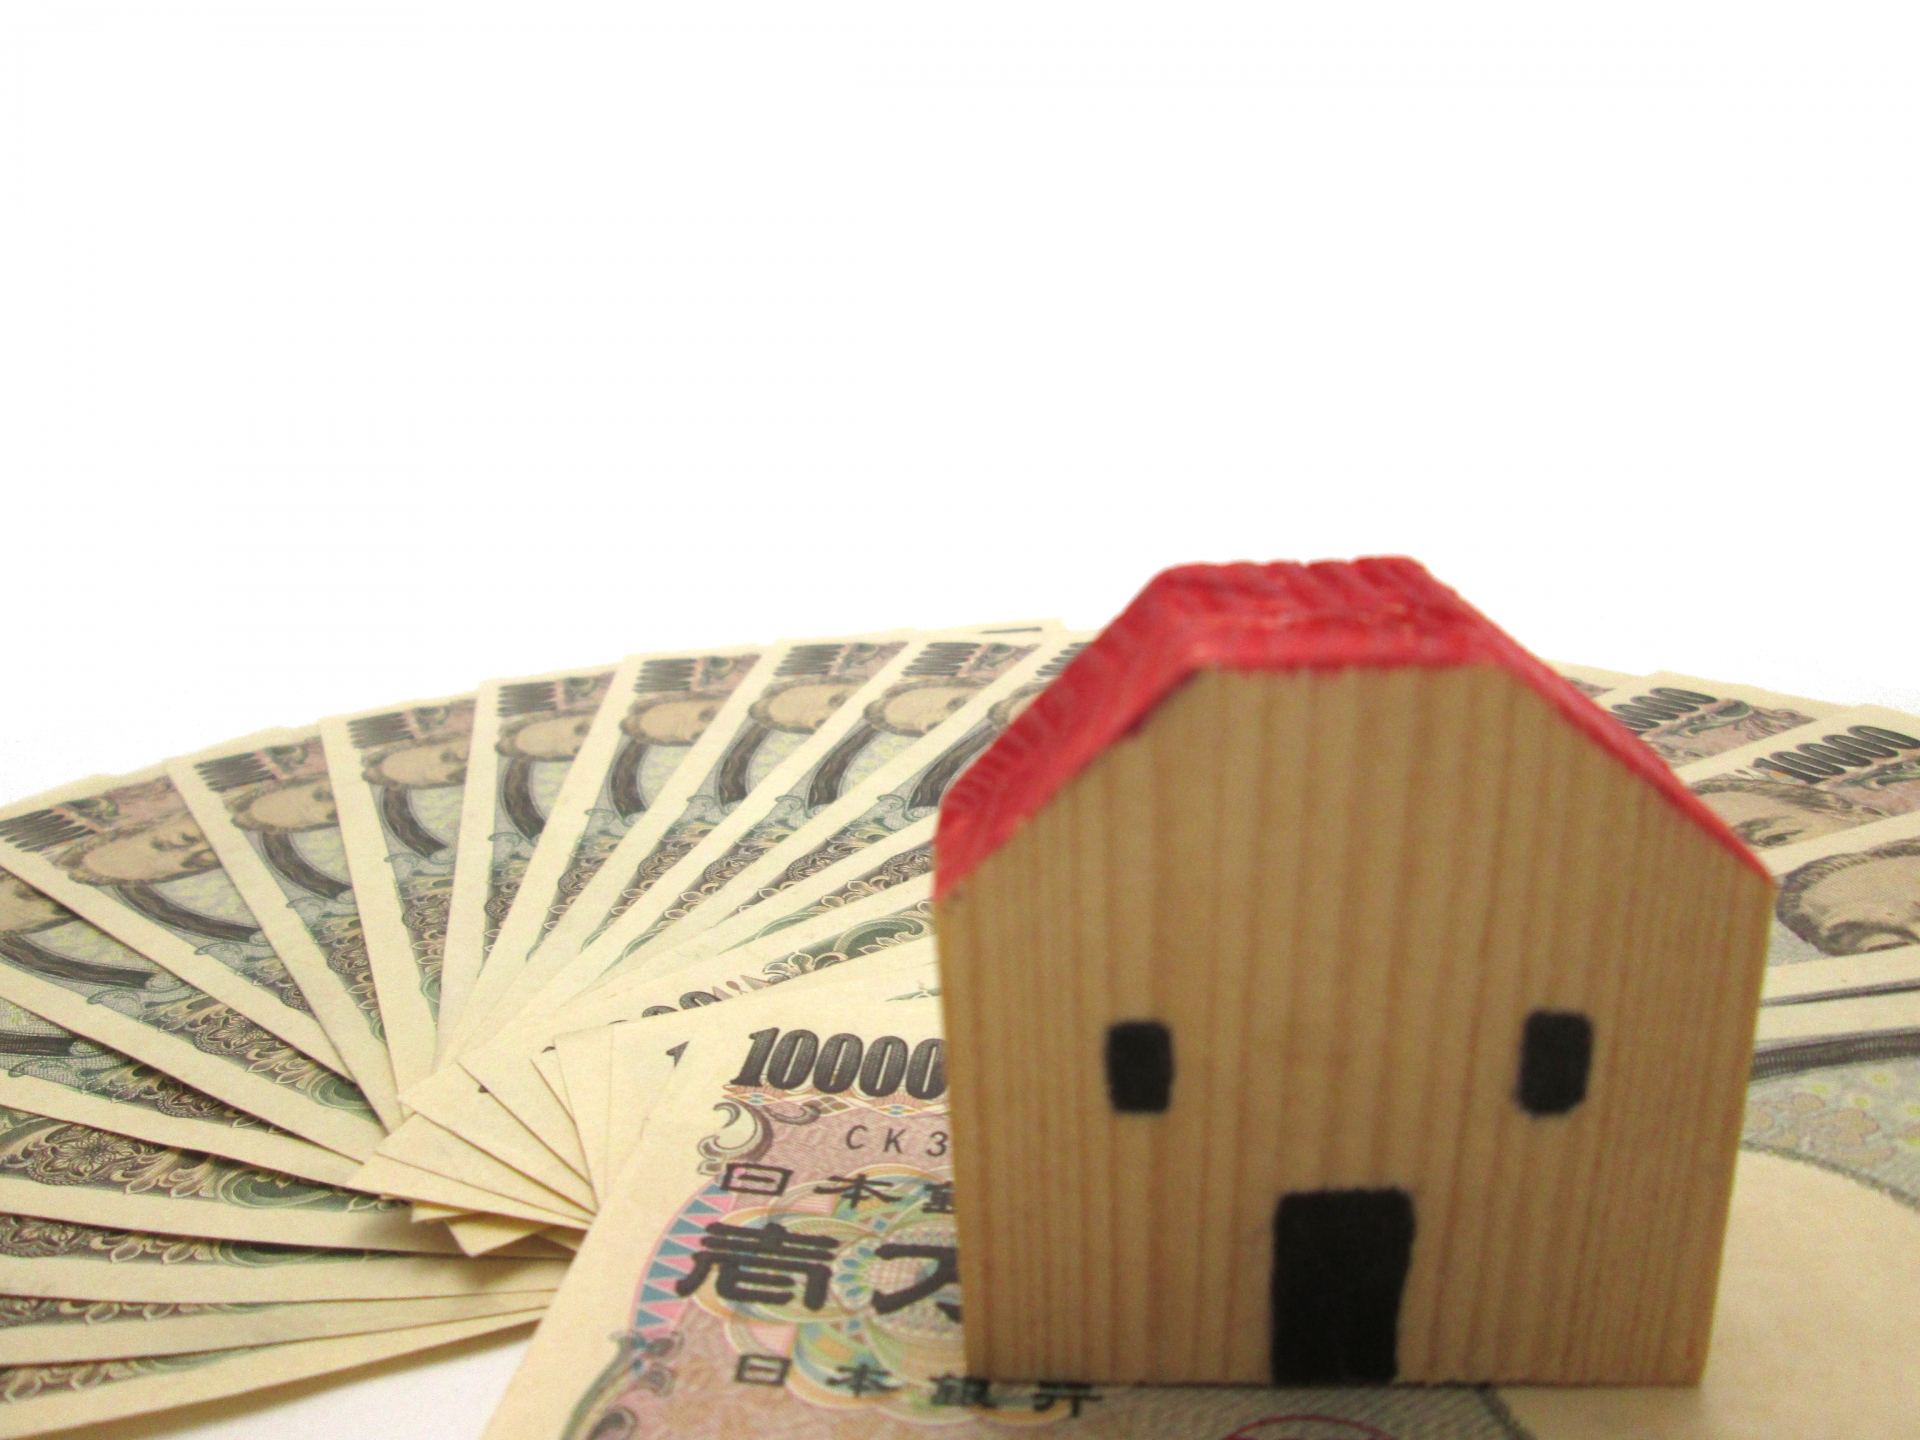 住宅ローンが5年経過したら借り換えを検討する